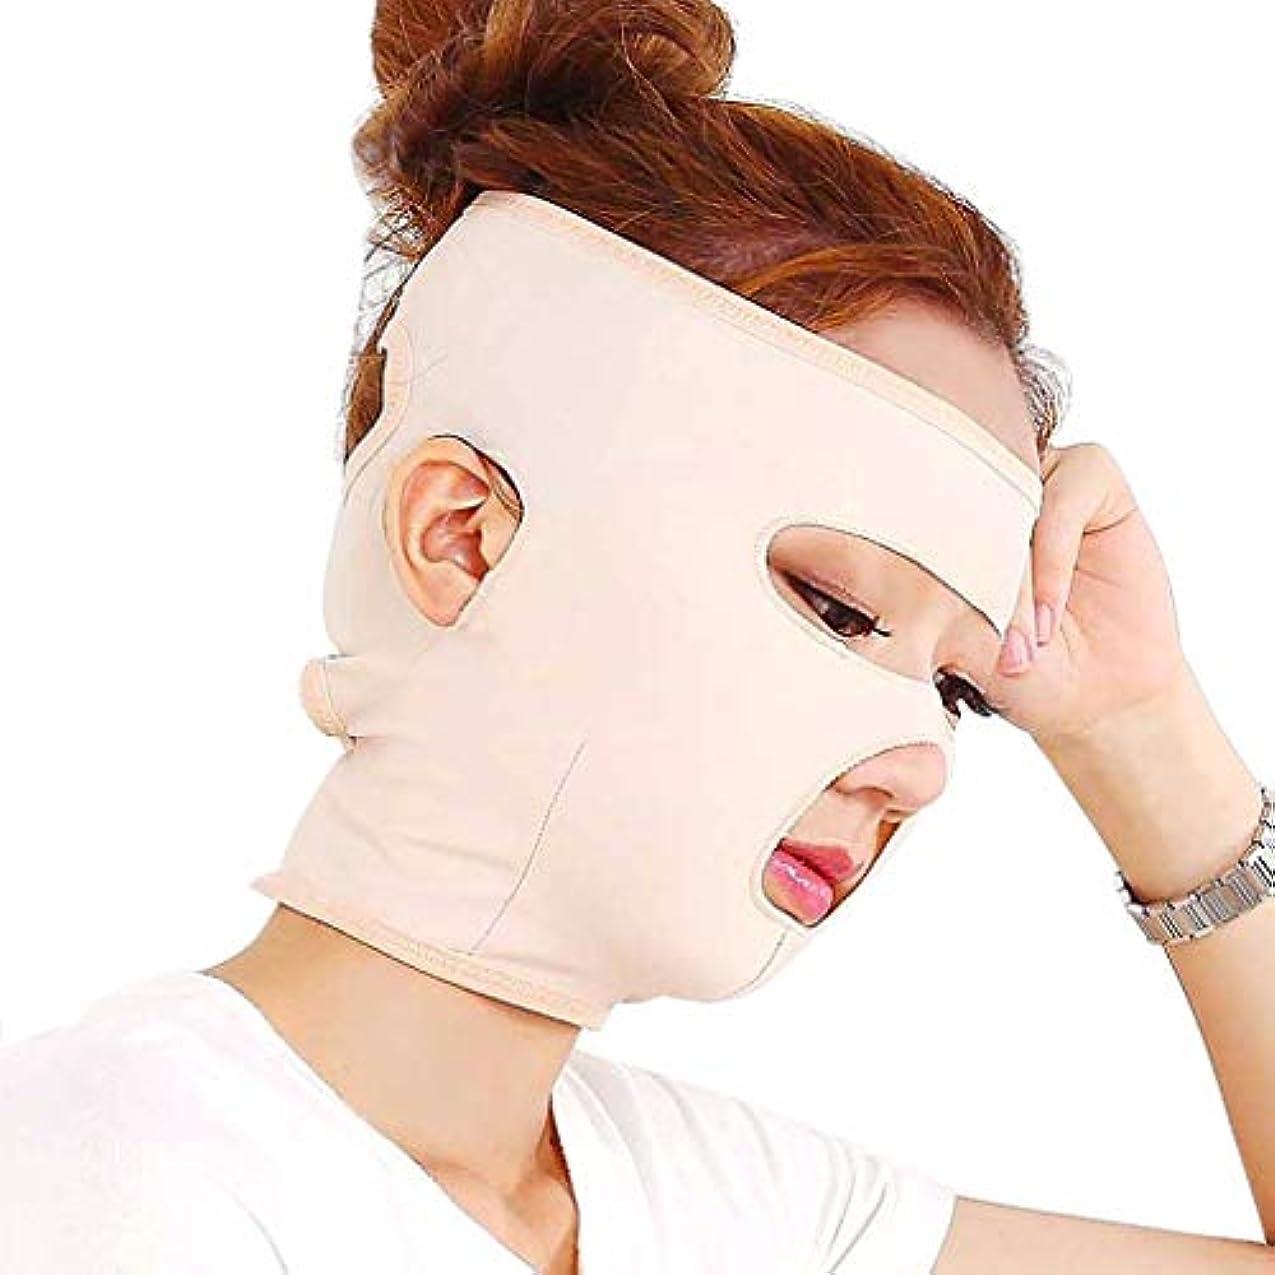 害中央破滅Jia He 軽量 薄い顔ベルト、抗シワ、薄い二重あごの睡眠美容矯正ベルトを高めるために、薄い顔の包帯V面アーティファクト ## (Size : M)